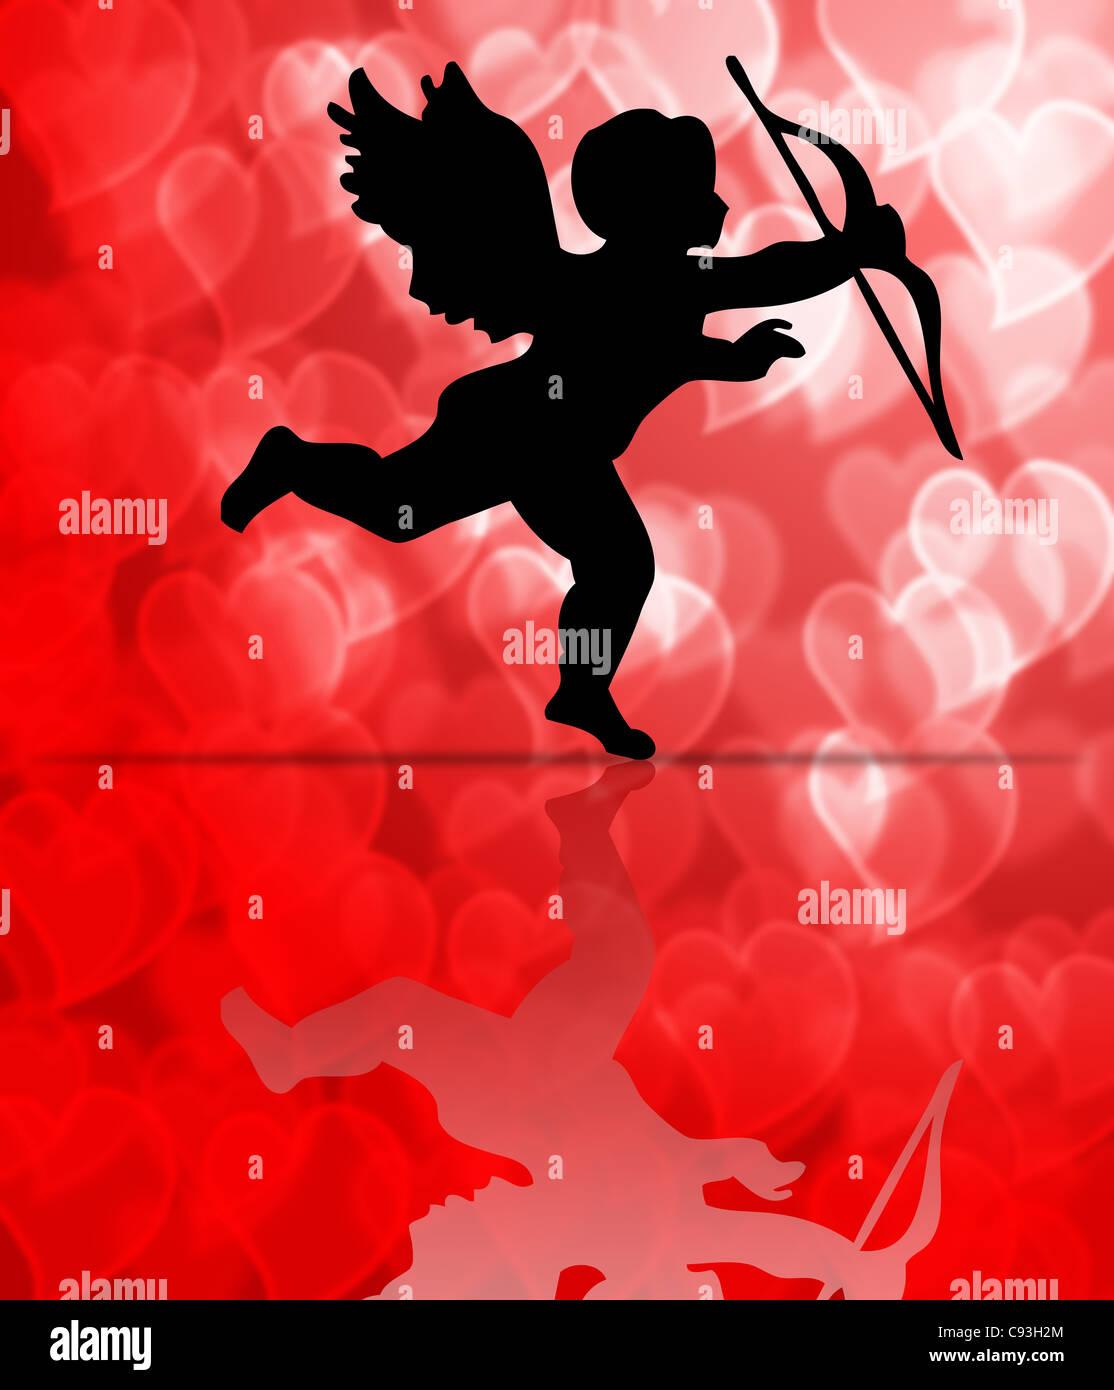 Valentinstag Amor Auf Herz Muster Verwischt Hintergrund Illustration